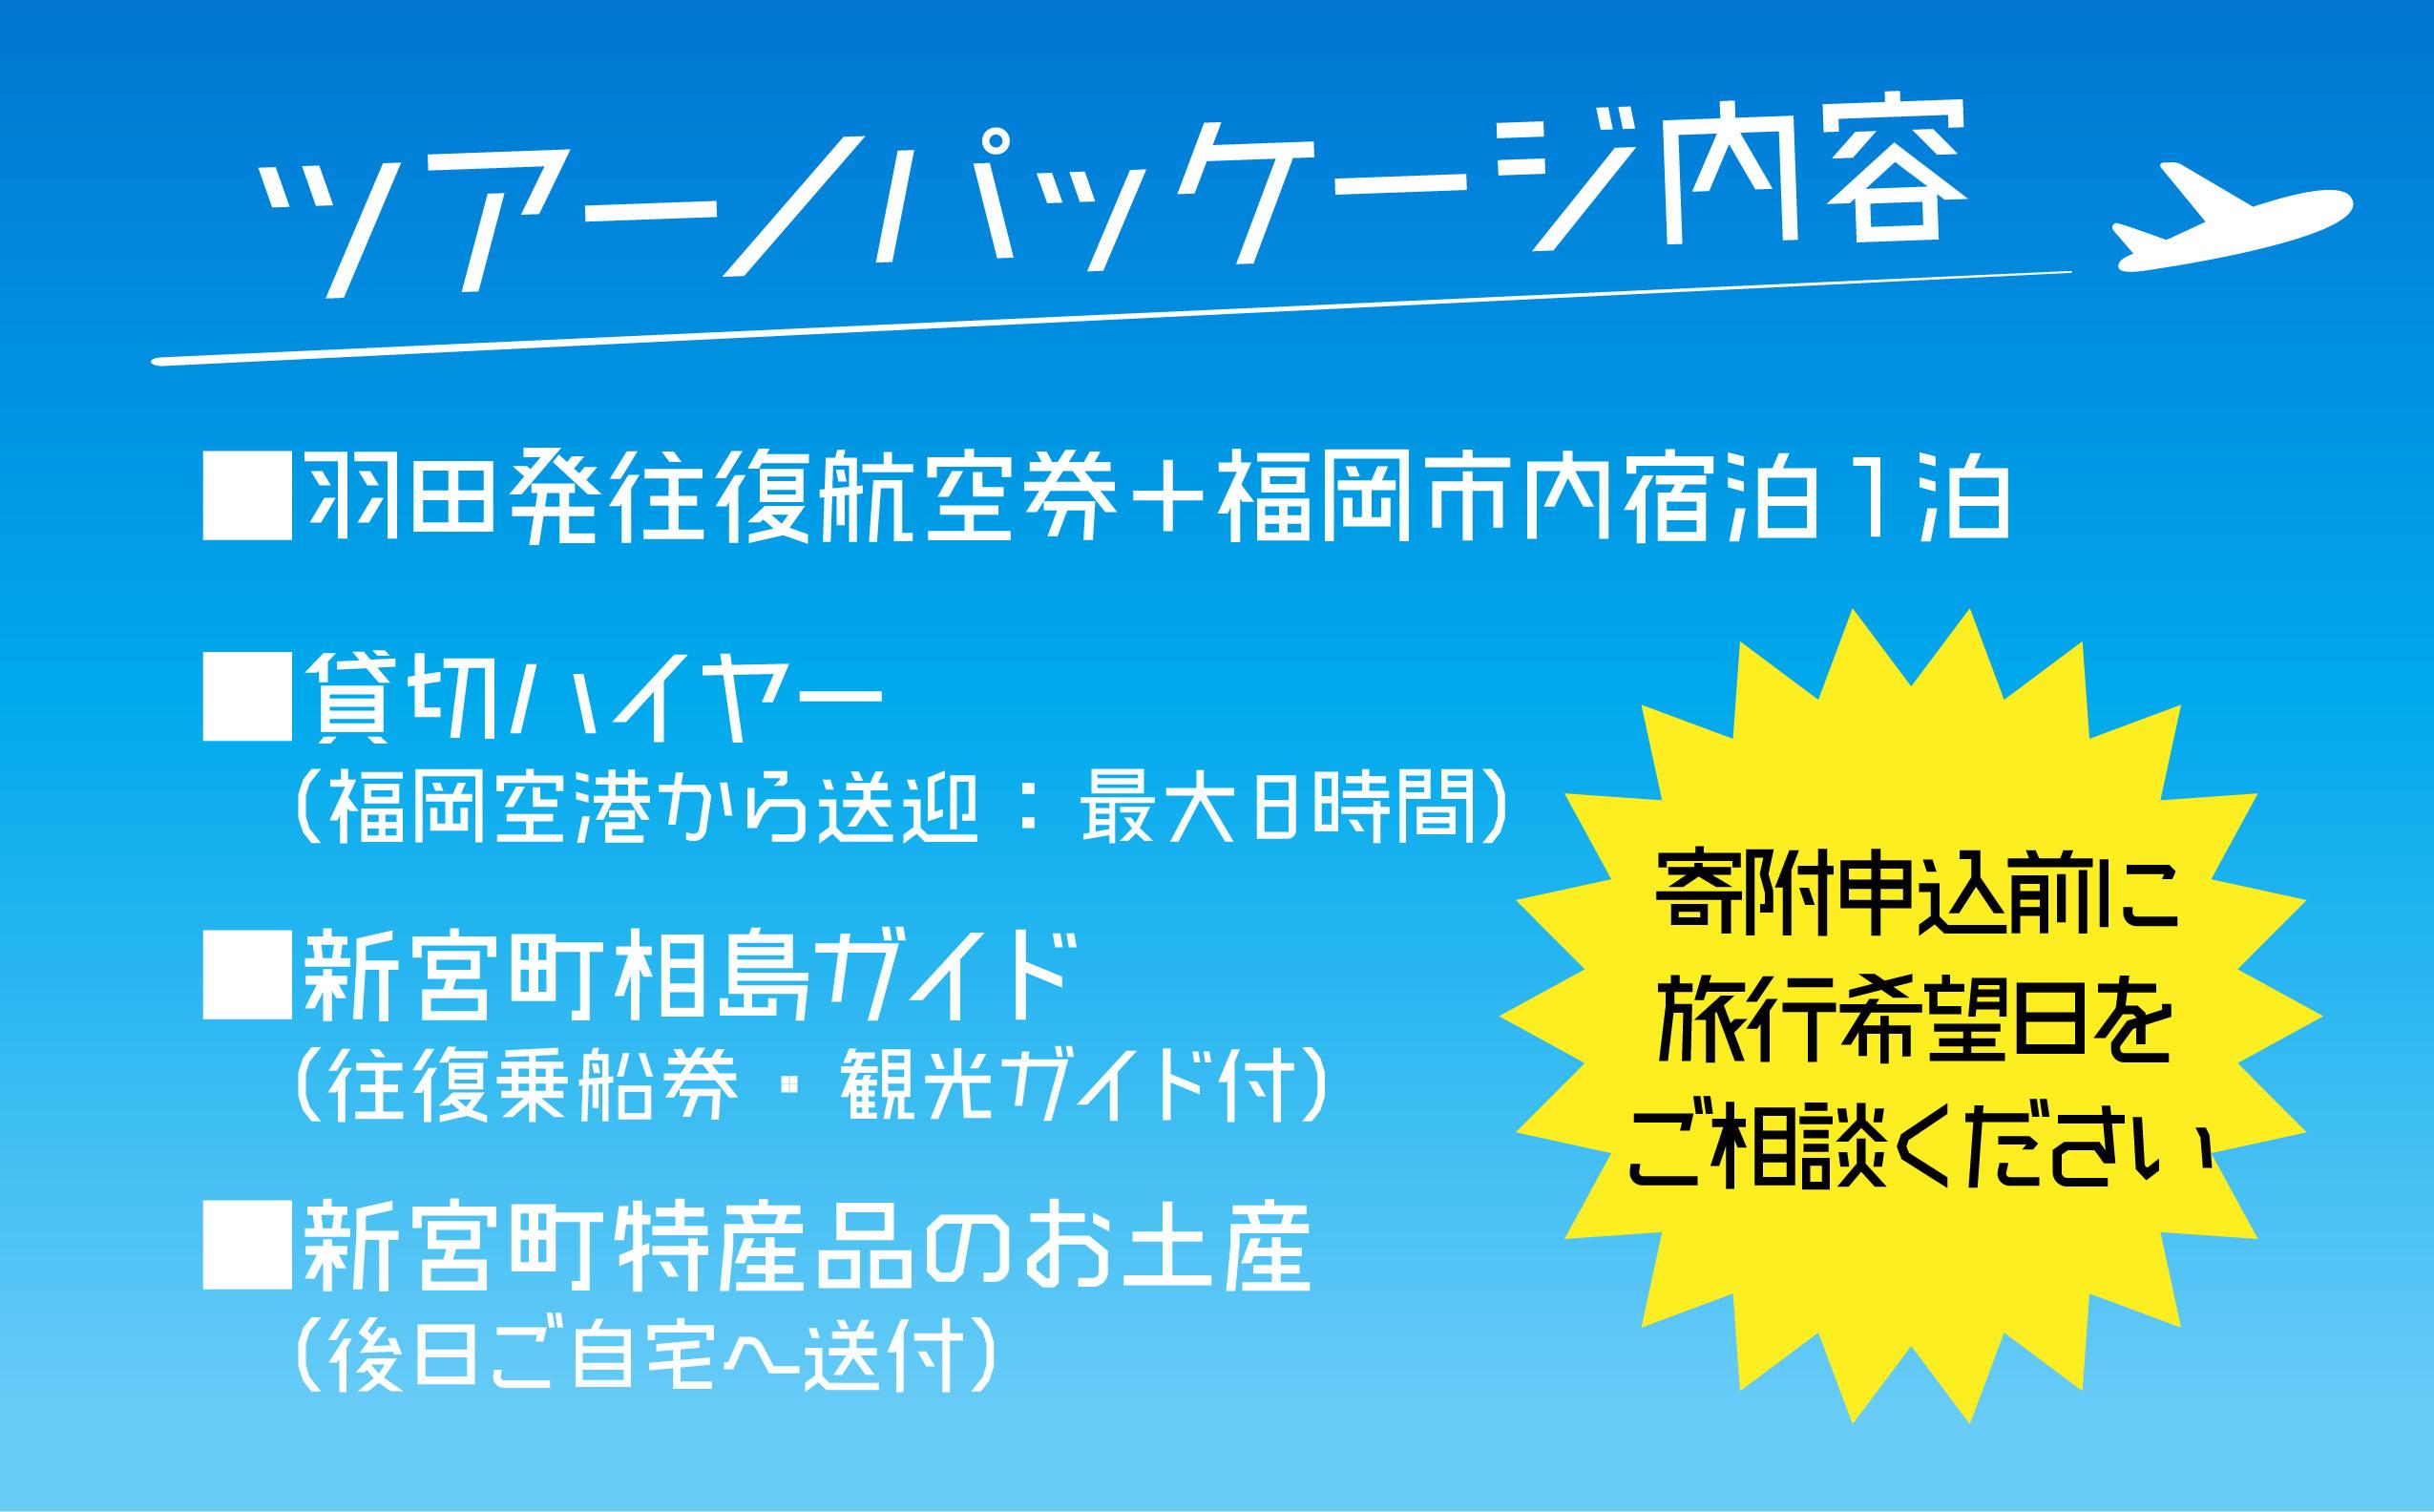 【羽田空港発】GoTo 福岡県新宮町(航空券&ハイヤー付き個人旅行パッケージ)